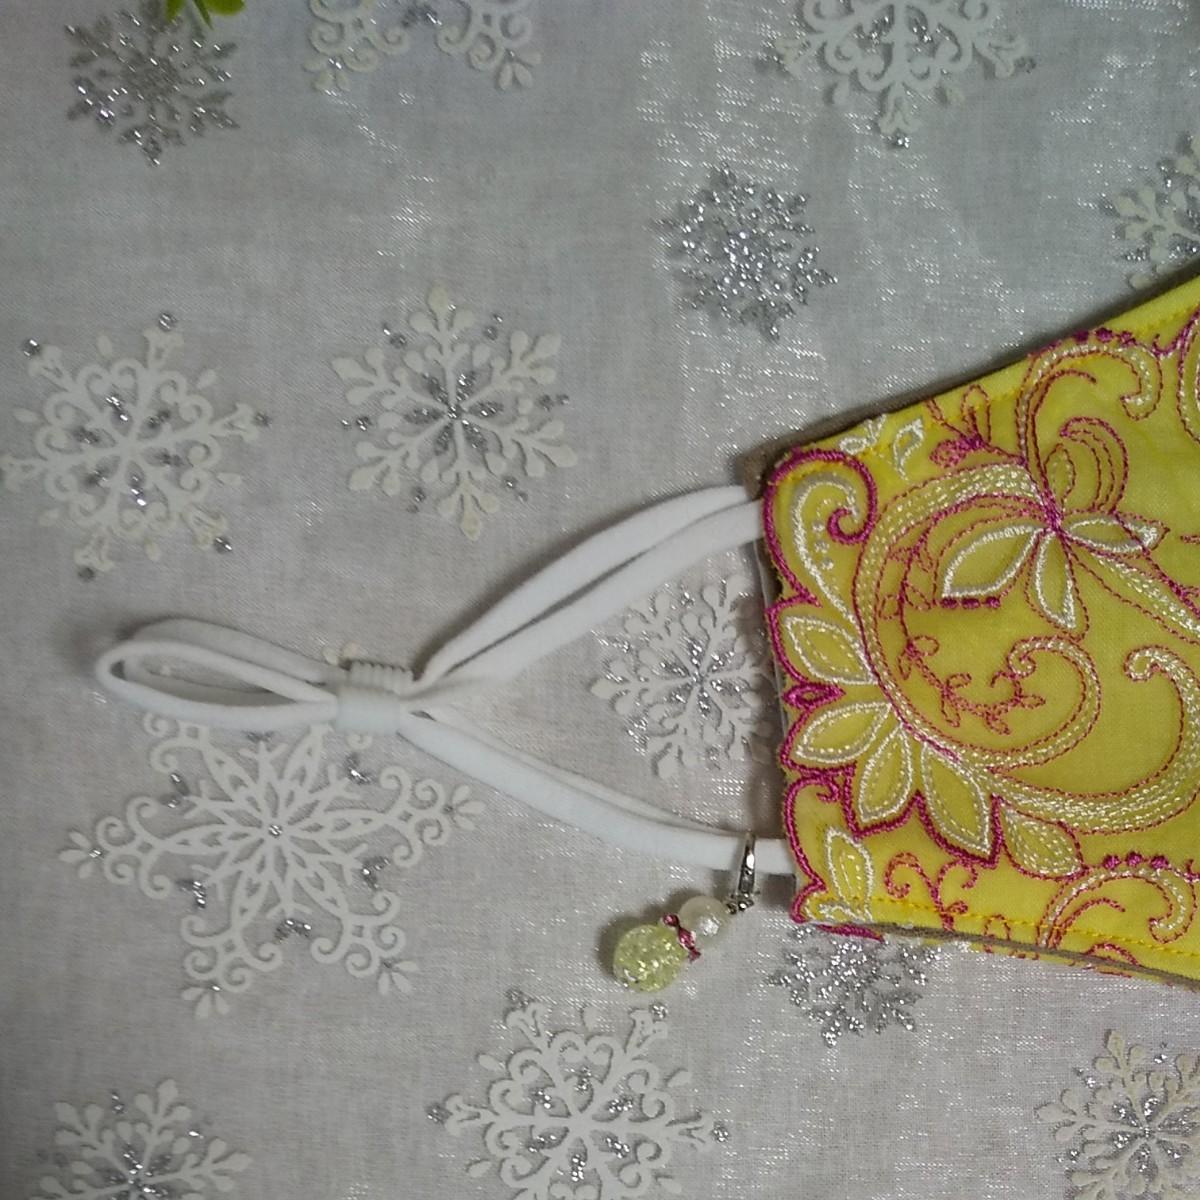 立体インナーハンドメイド、綿ガーゼ、チュール刺繍レース(ホワイト×イエロー刺繍レース)(普通サイズ)アジャスター付、チャーム付